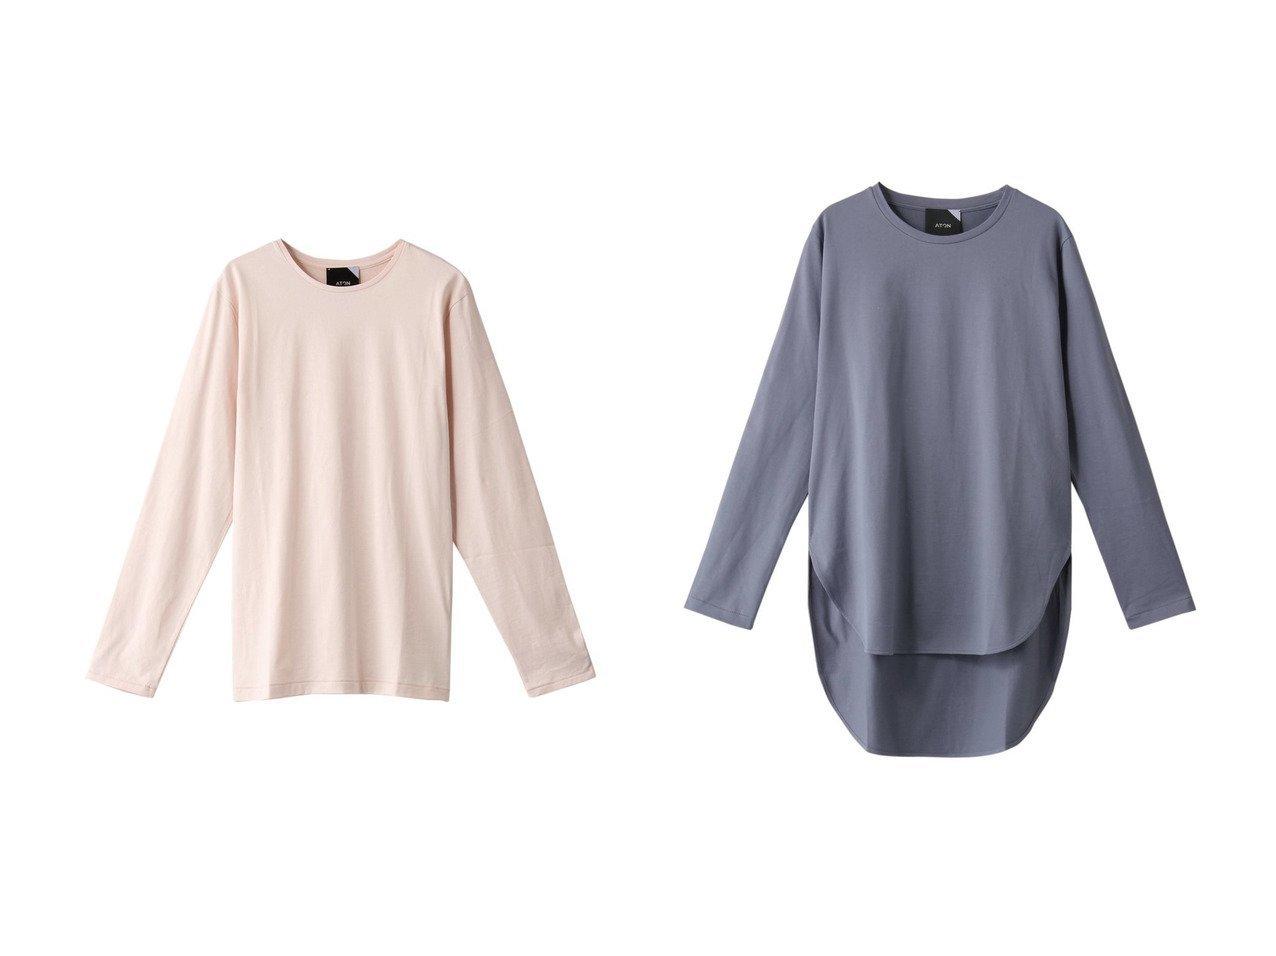 【ATON/エイトン】のパーフェクトロングスリーブTシャツ&ラウンドヘムロングスリーブTシャツ トップス・カットソーのおすすめ!人気、トレンド・レディースファッションの通販 おすすめで人気の流行・トレンド、ファッションの通販商品 メンズファッション・キッズファッション・インテリア・家具・レディースファッション・服の通販 founy(ファニー) https://founy.com/ ファッション Fashion レディースファッション WOMEN トップス カットソー Tops Tshirt シャツ/ブラウス Shirts Blouses ロング / Tシャツ T-Shirts カットソー Cut and Sewn 2021年 2021 2021 春夏 S/S SS Spring/Summer 2021 S/S 春夏 SS Spring/Summer シンプル スリーブ ロング 春 Spring  ID:crp329100000024846